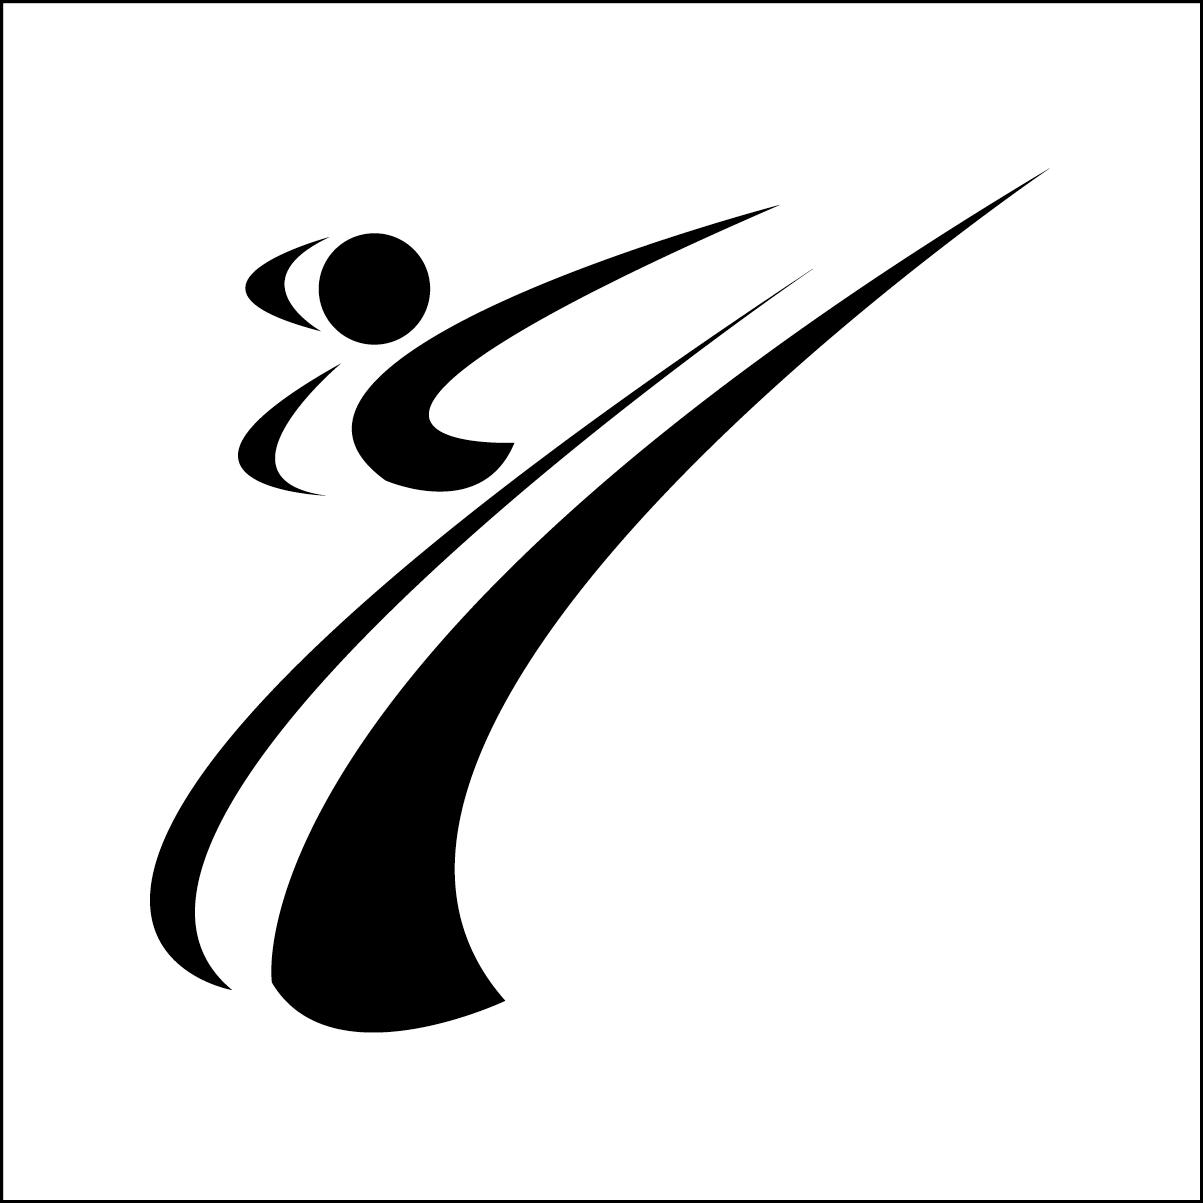 Karate Logos Free Download